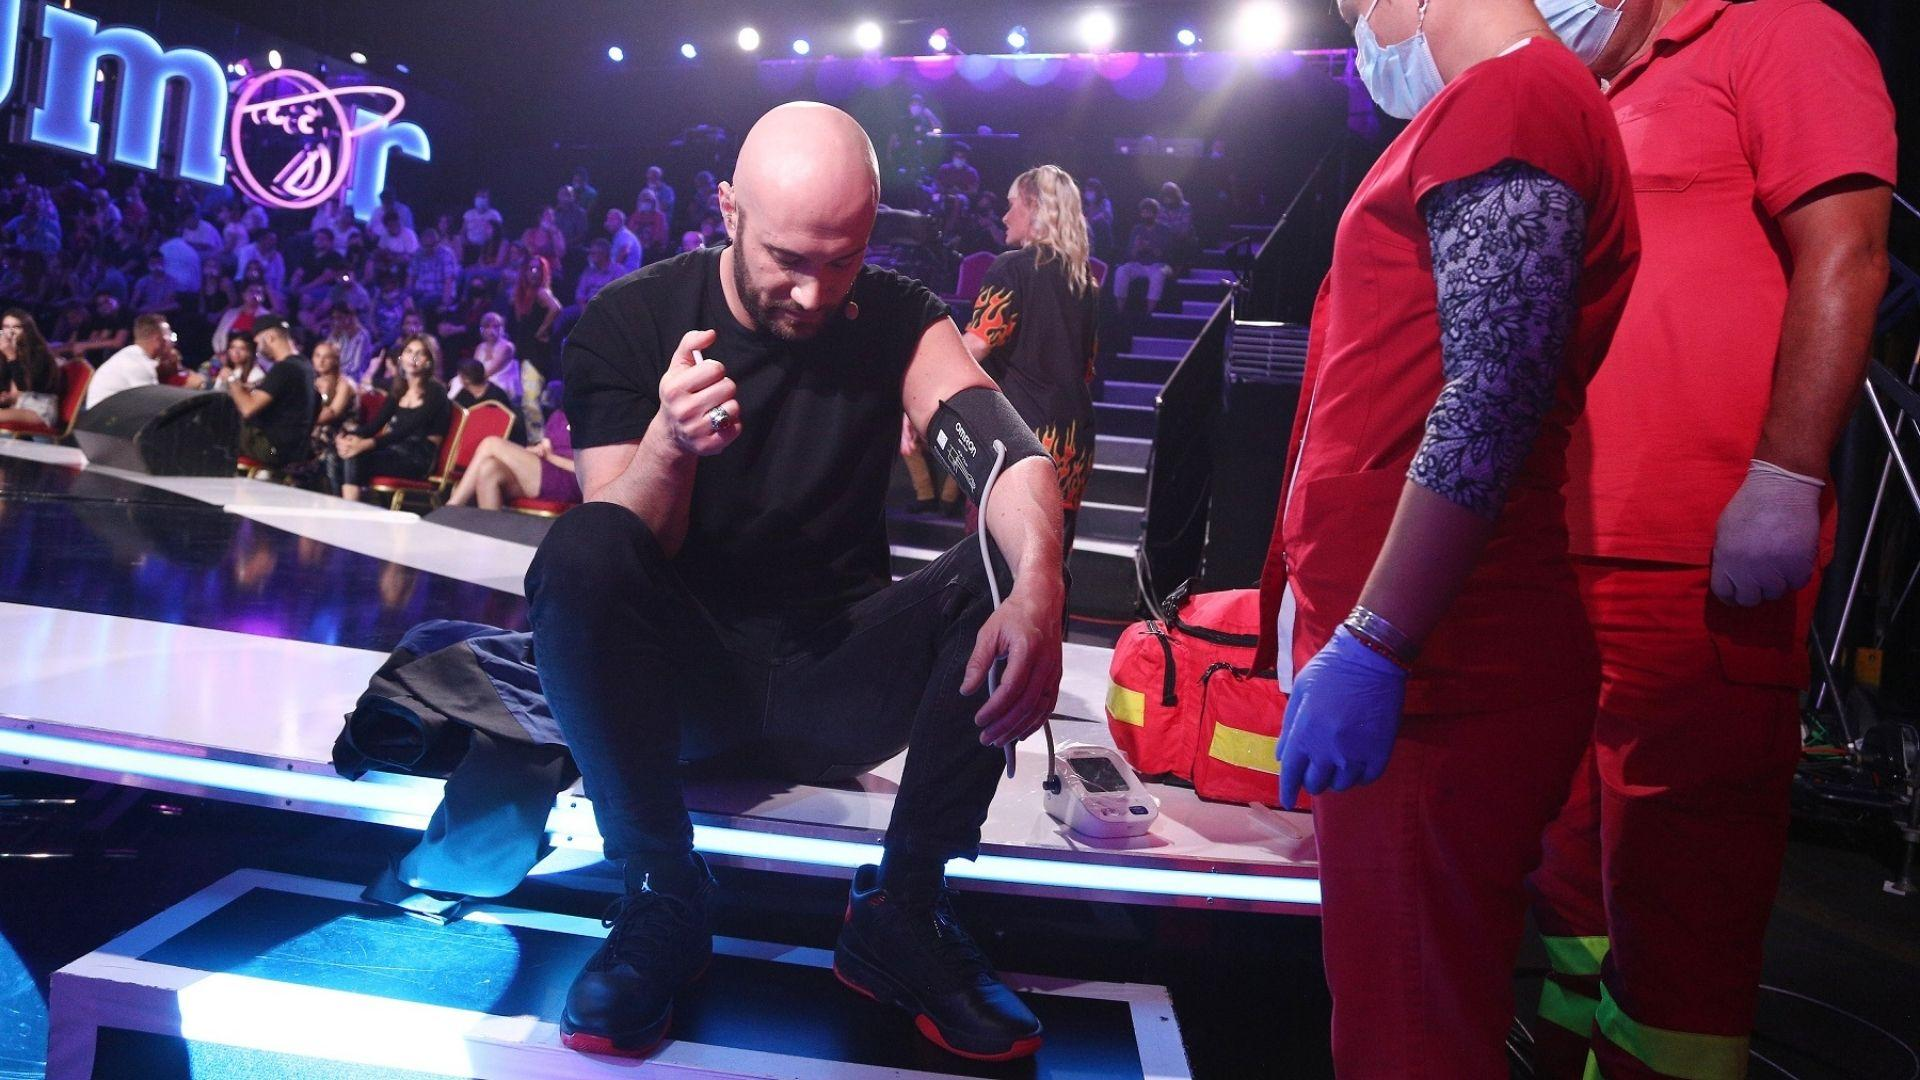 """Mihai Bendeac: """"E cel mai rău lucru pe care îl puteţi face!"""". Momente tensionate la iUmor mâine seară, de la 20:00, la Antena 1"""